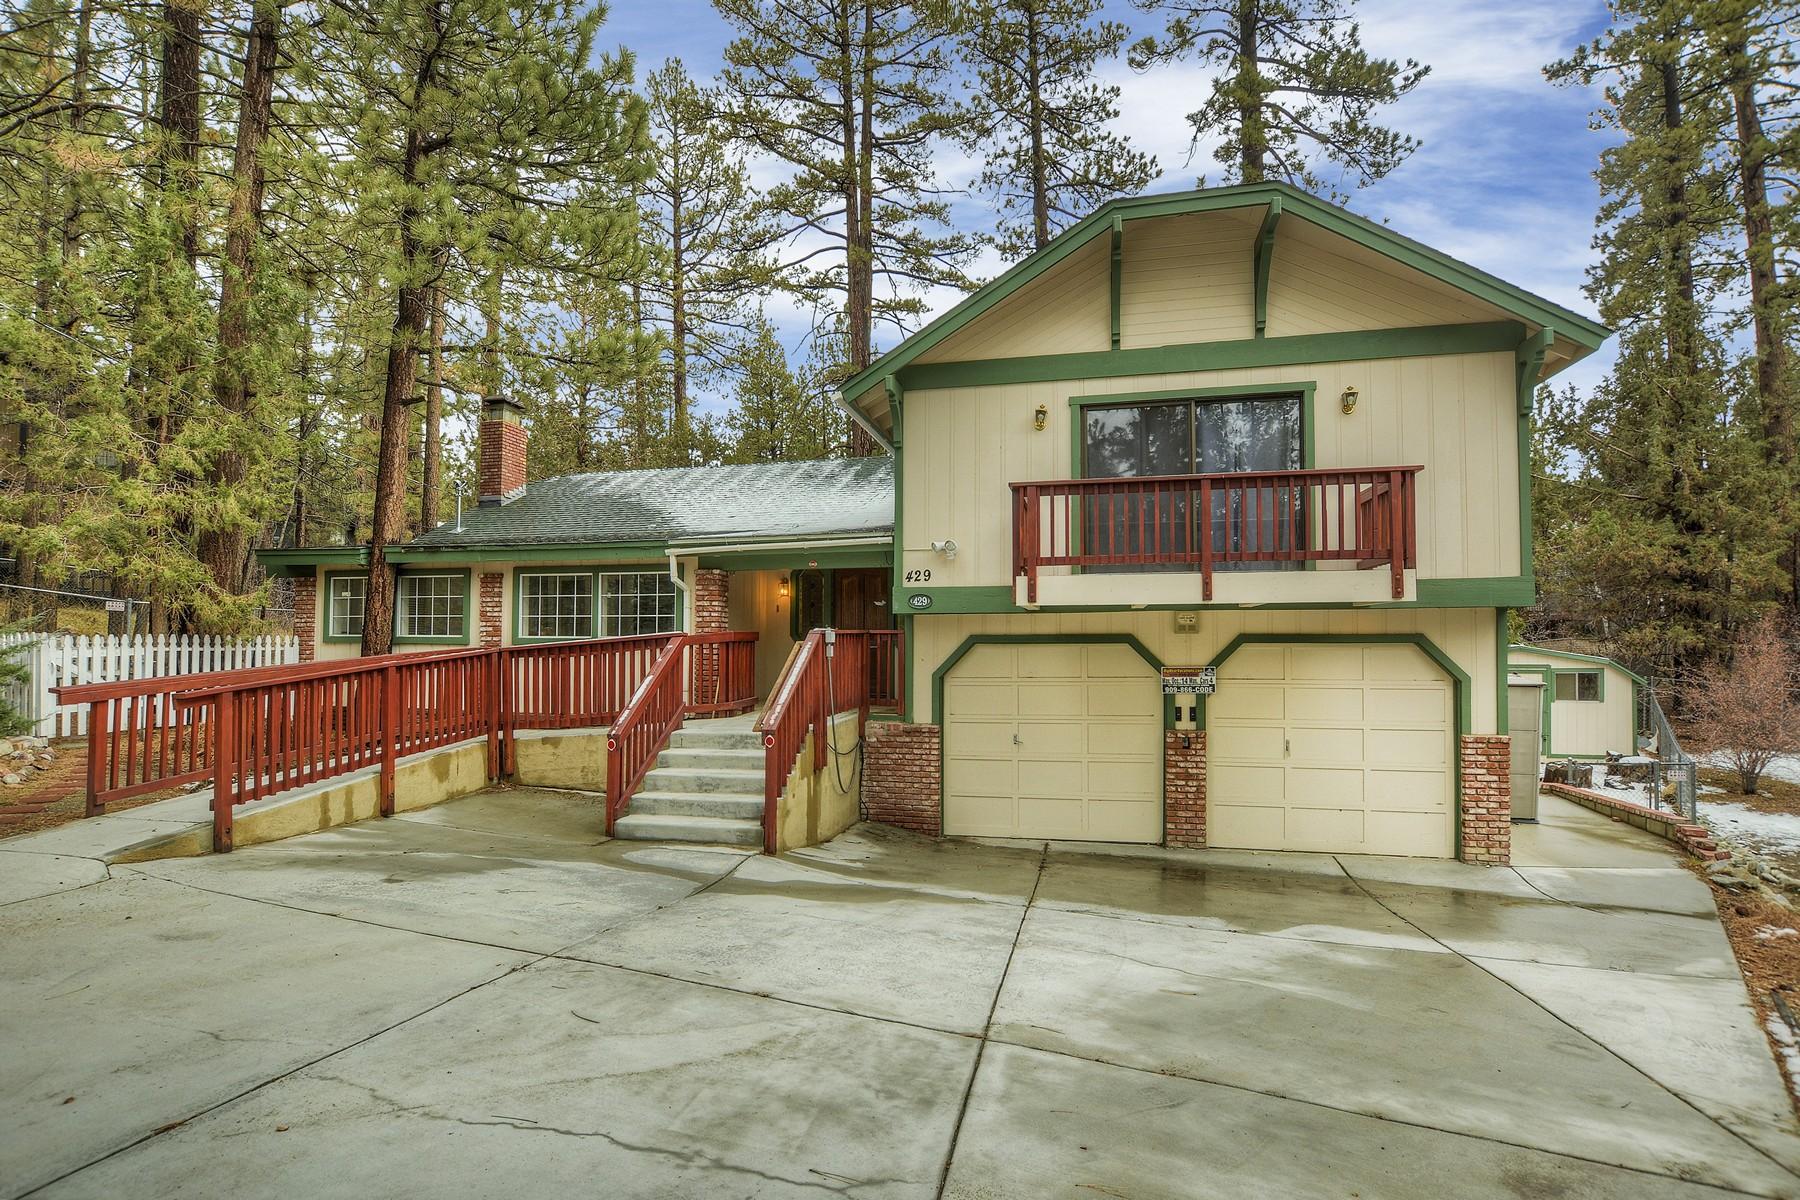 獨棟家庭住宅 為 出售 在 429 Crater Lake Big Bear Lake, 加利福尼亞州, 92315 美國